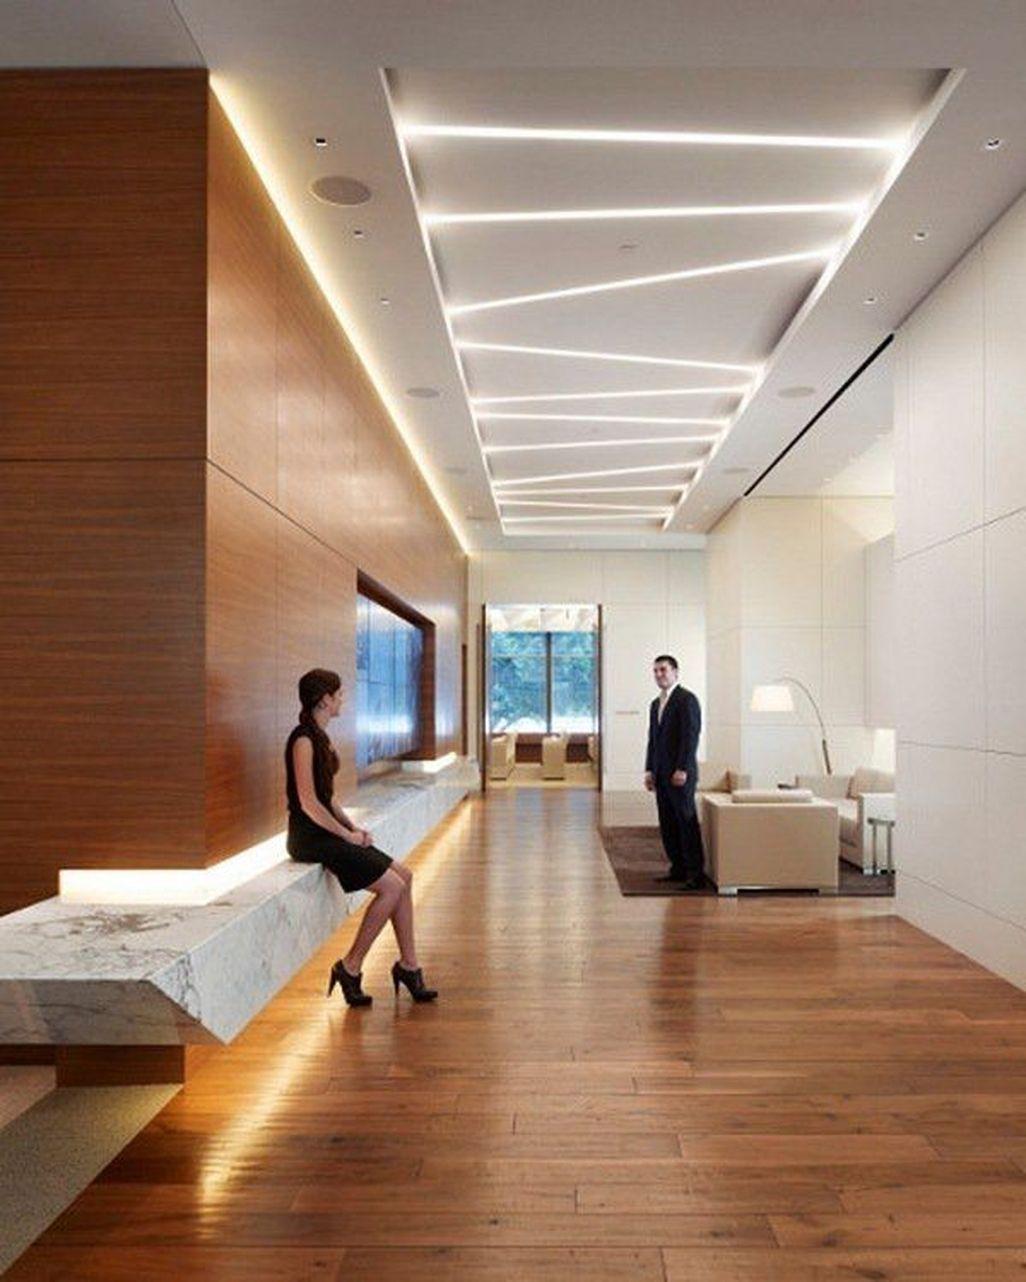 48 Unique and Simple Ceiling Design | Trending Decoration ...